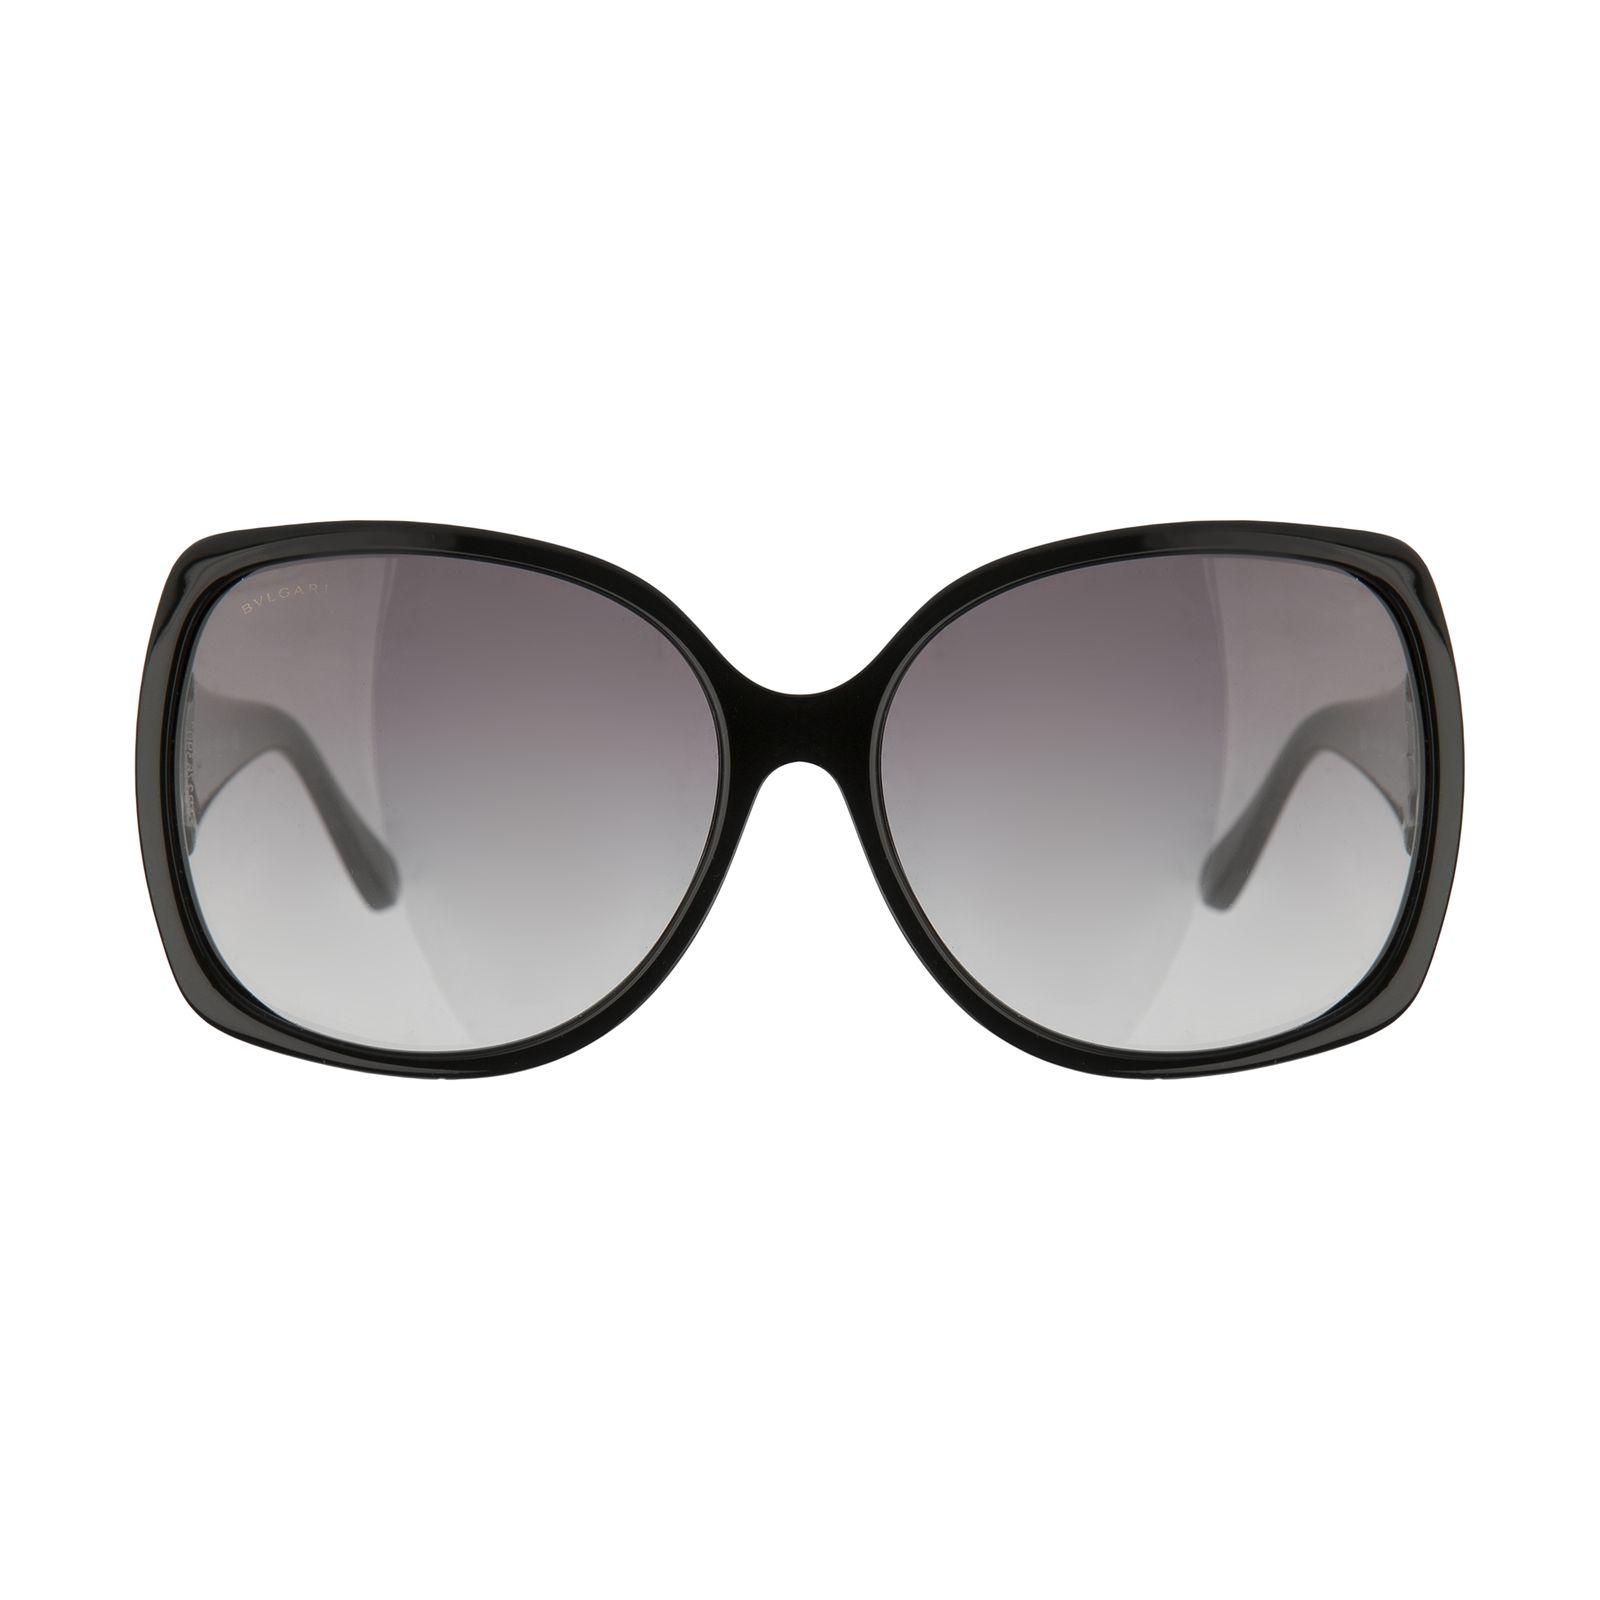 عینک آفتابی زنانه بولگاری مدل BV8078S 90111 -  - 2